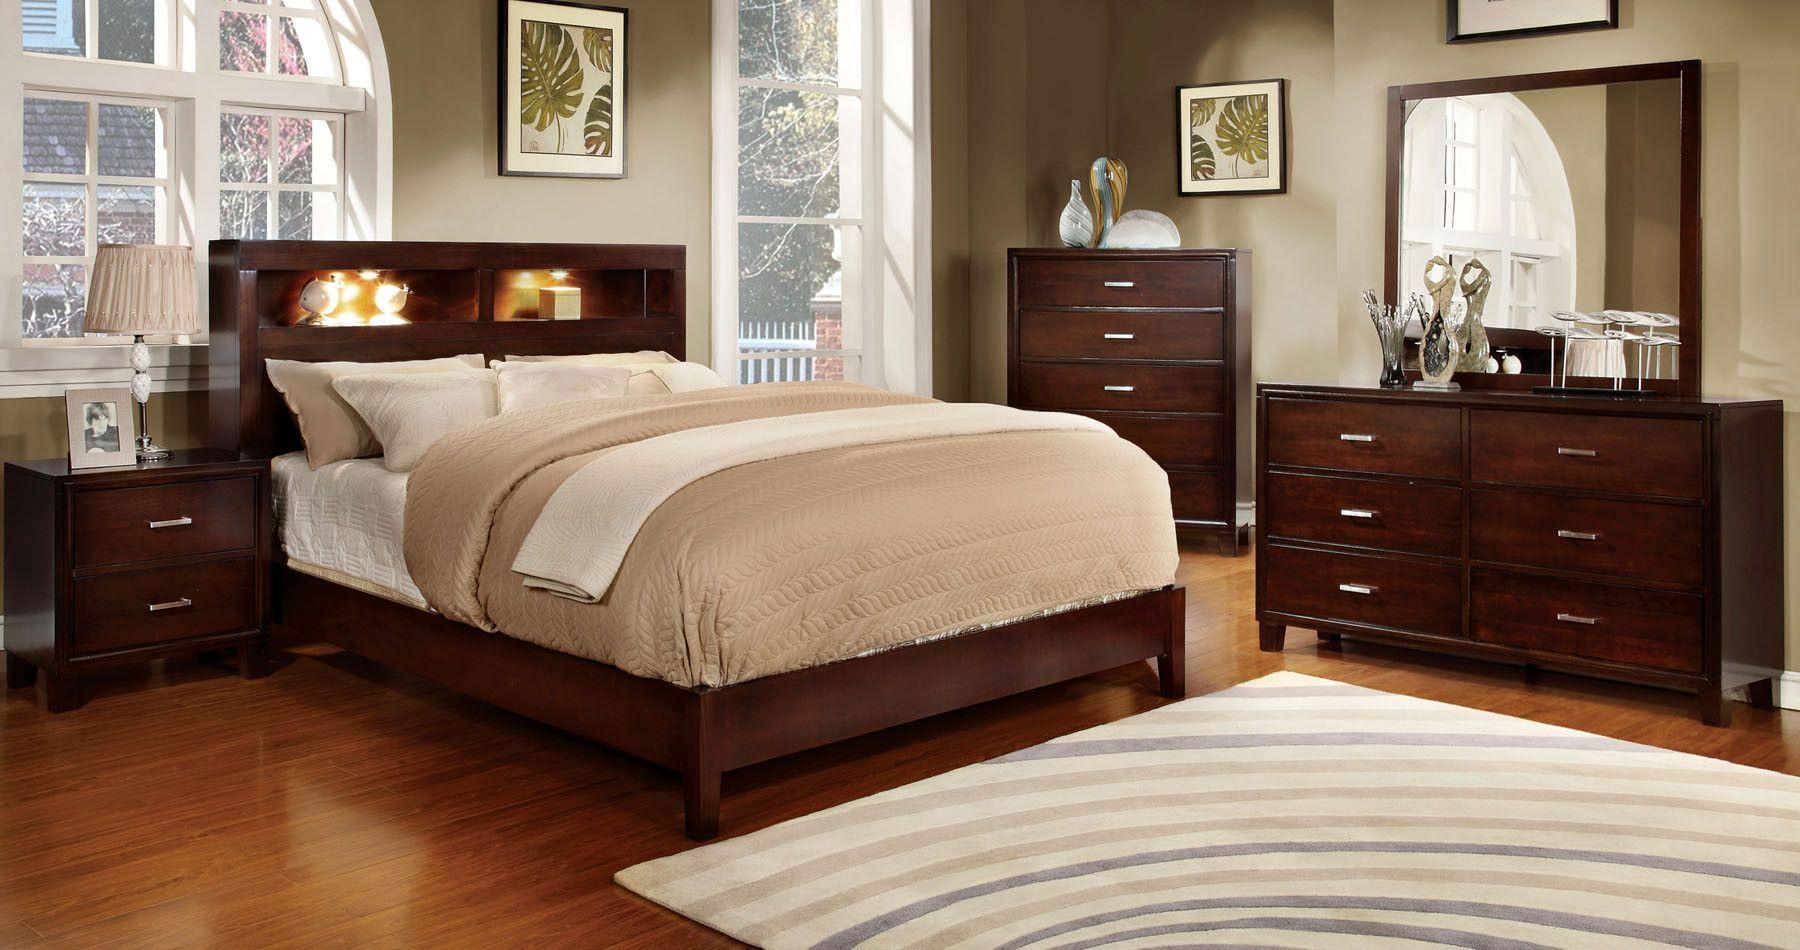 Furniture Of America Clement Platform Bedroom Set Ping S On Sets